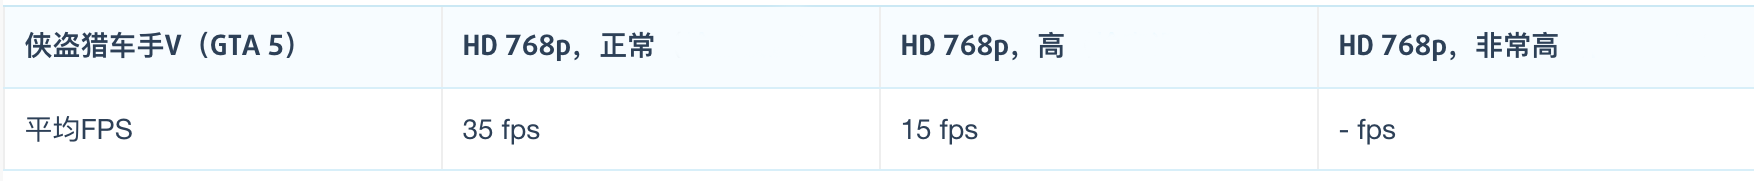 联想 Yoga 730 评测